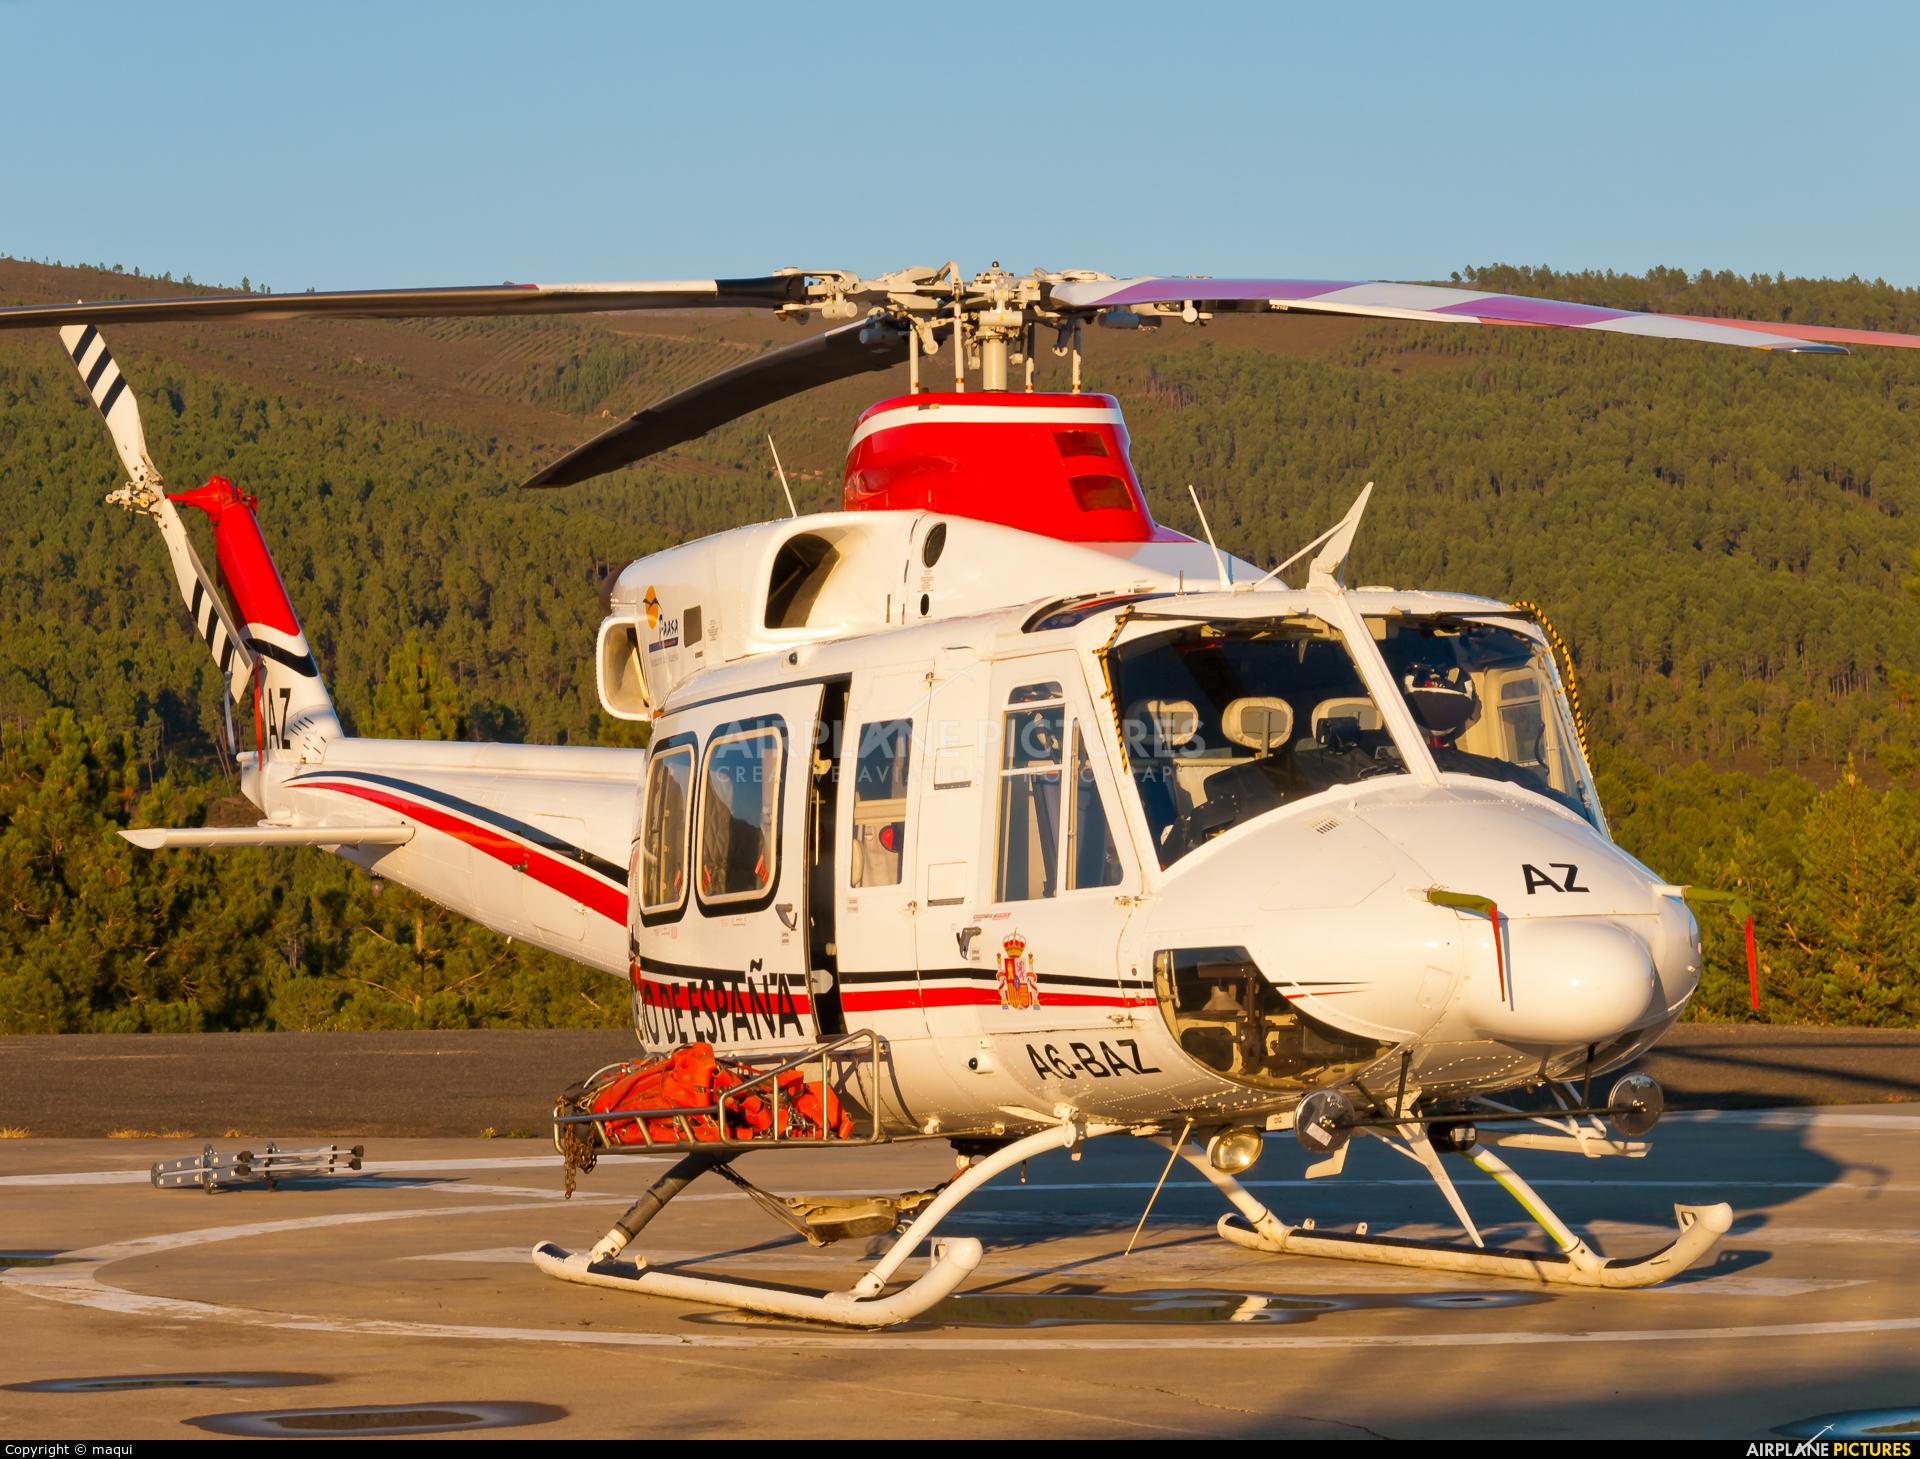 FAASA Aviación A6-BAZ aircraft at Ourense - Base de Laza